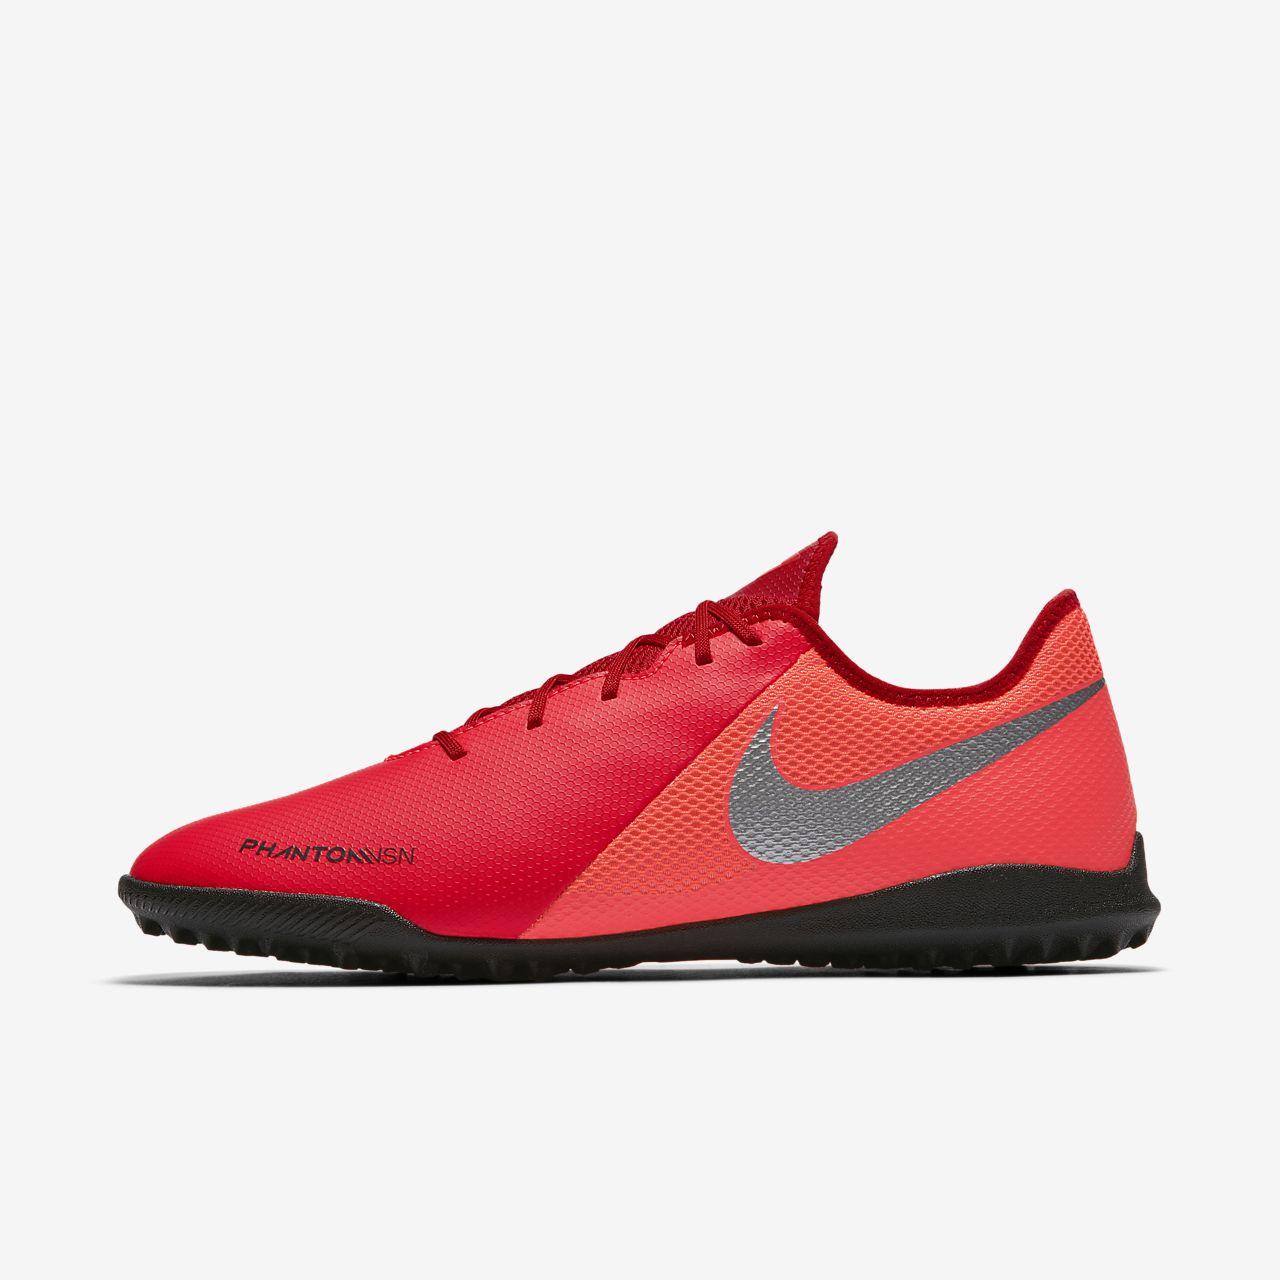 3a75db3480be Nike Phantom Vision Academy Artificial-Turf Football Boot. Nike.com GB